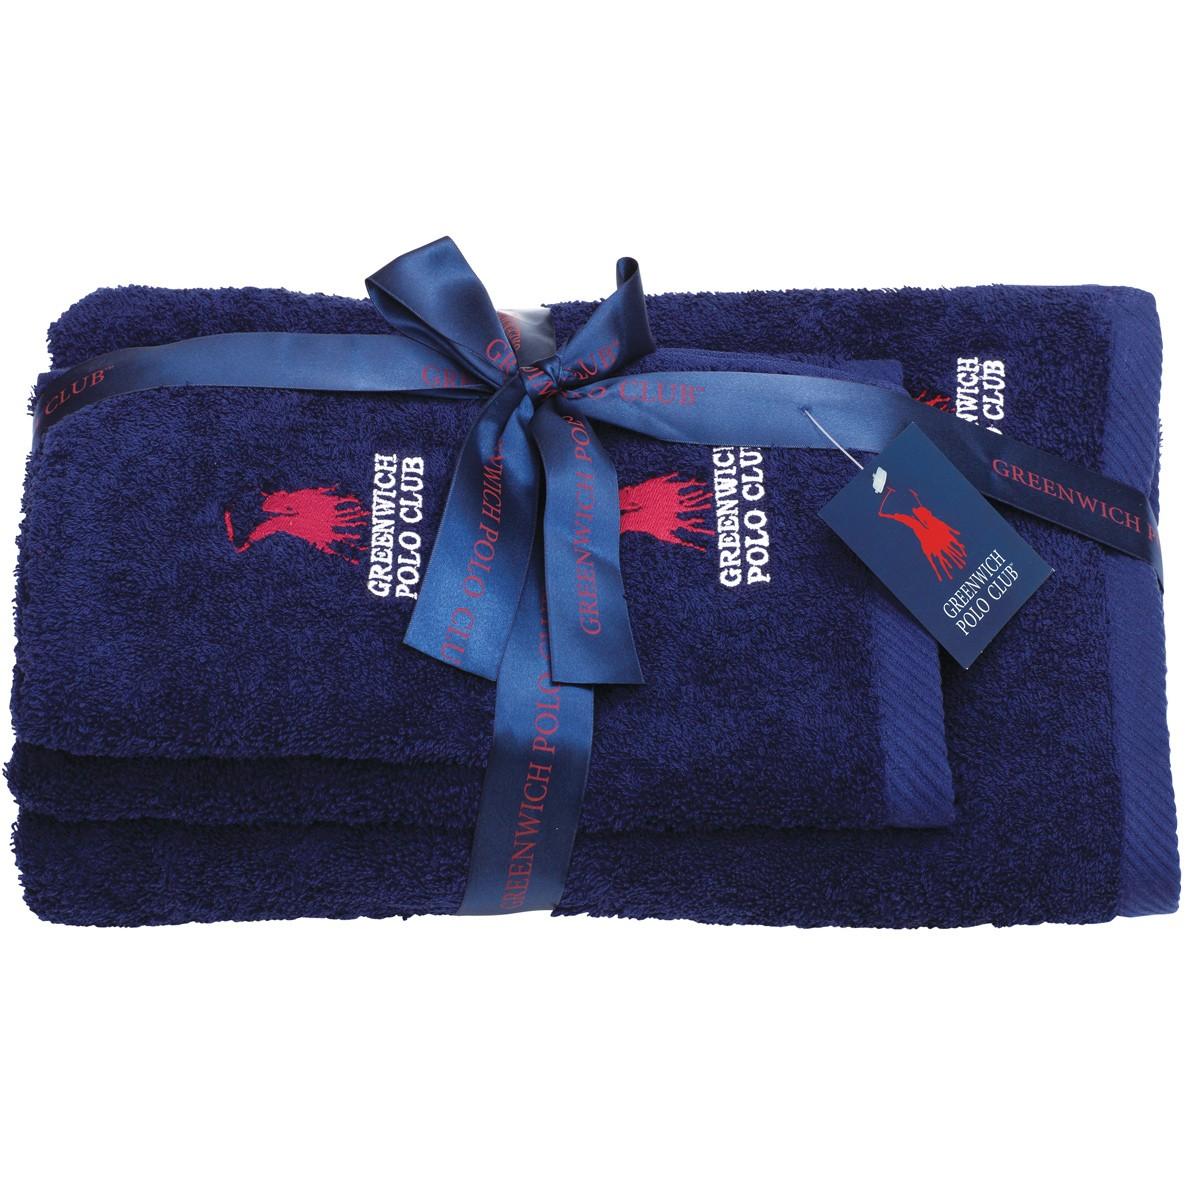 Πετσέτες Μπάνιου (Σετ 3τμχ) Polo Club Essential 2502